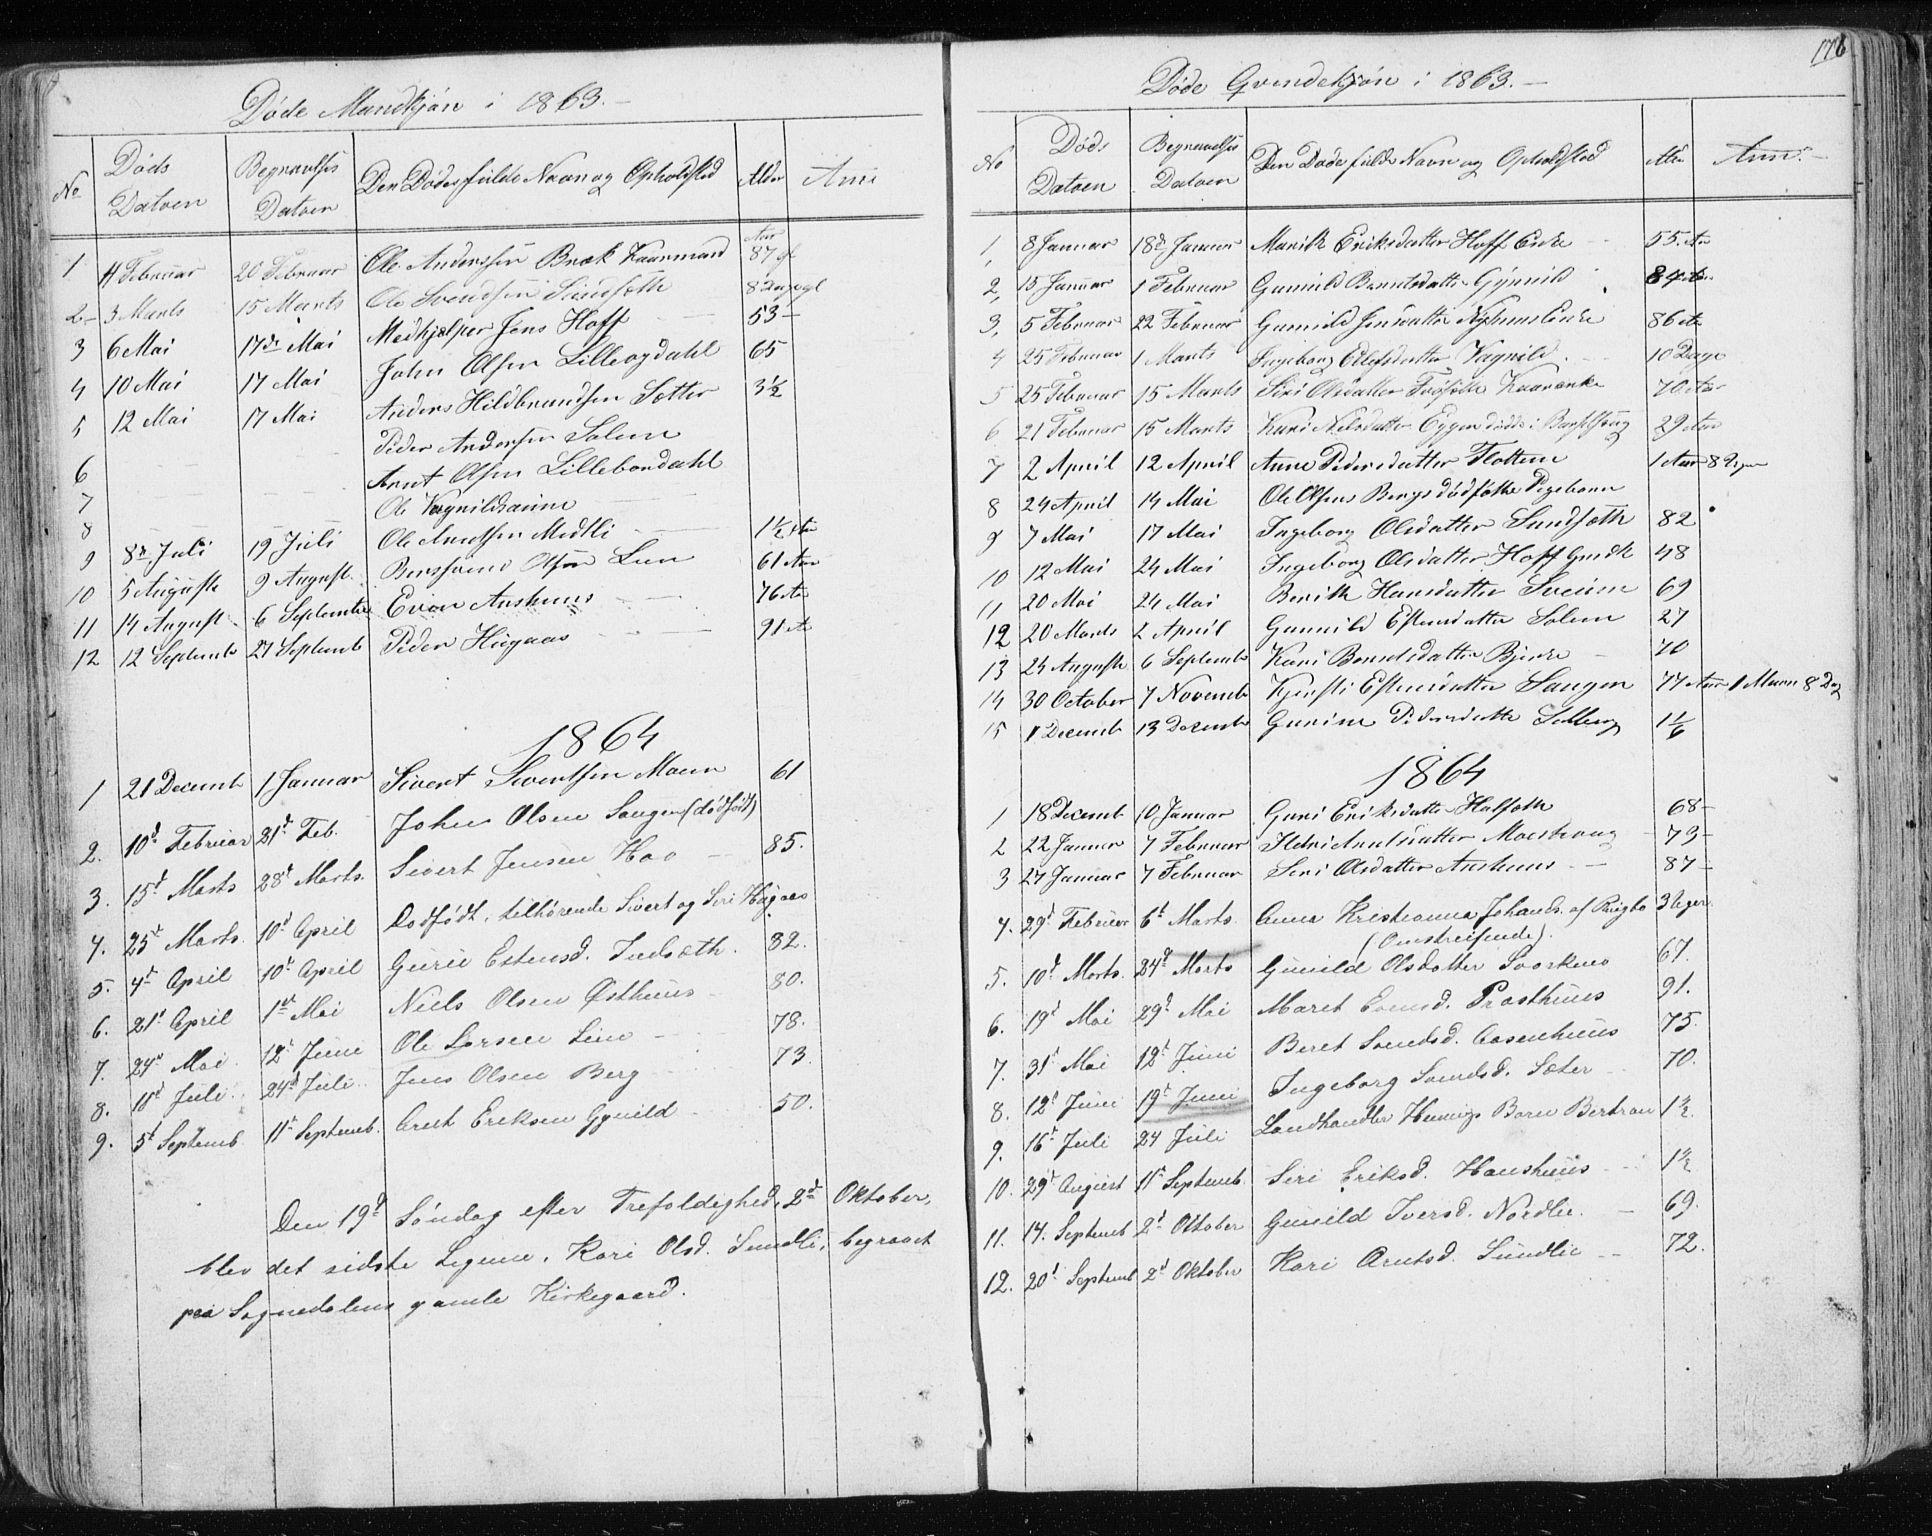 SAT, Ministerialprotokoller, klokkerbøker og fødselsregistre - Sør-Trøndelag, 689/L1043: Klokkerbok nr. 689C02, 1816-1892, s. 176